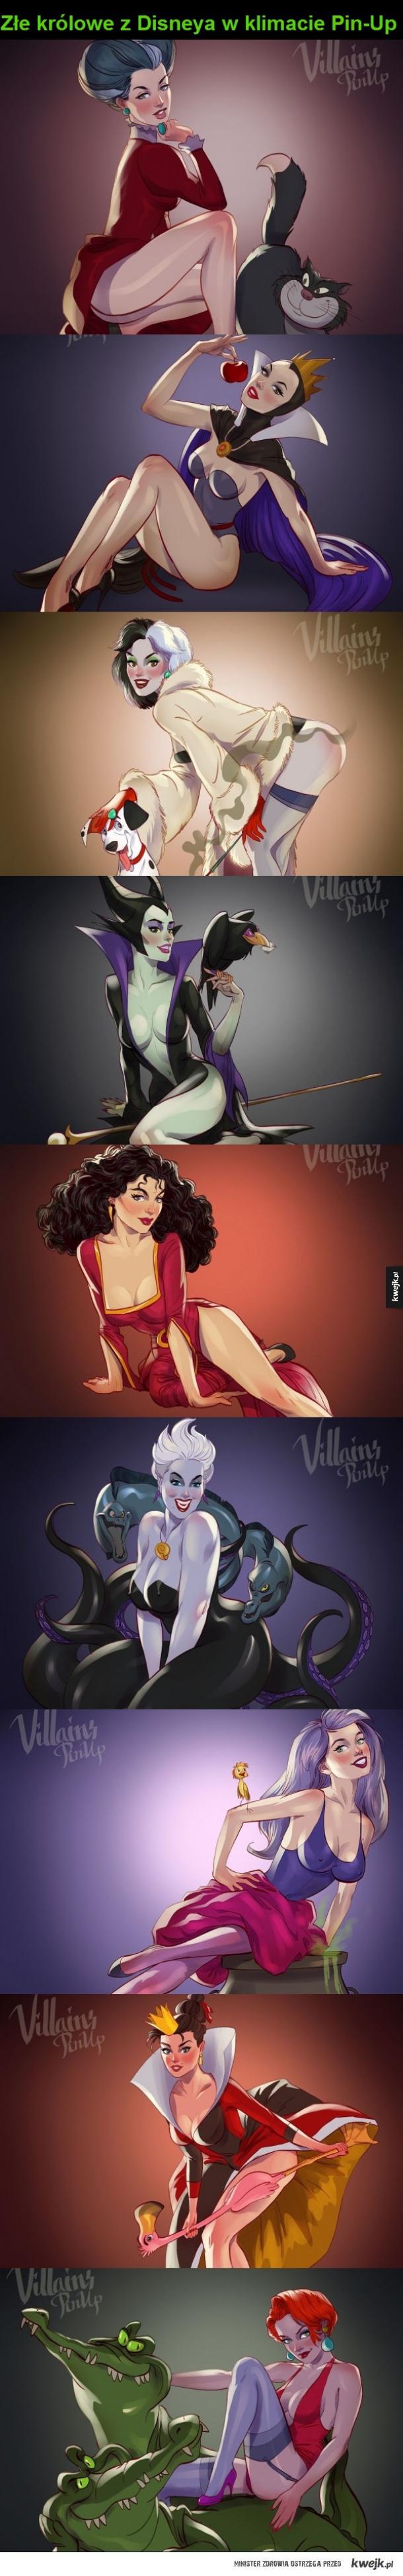 dziewczyny z Disneya